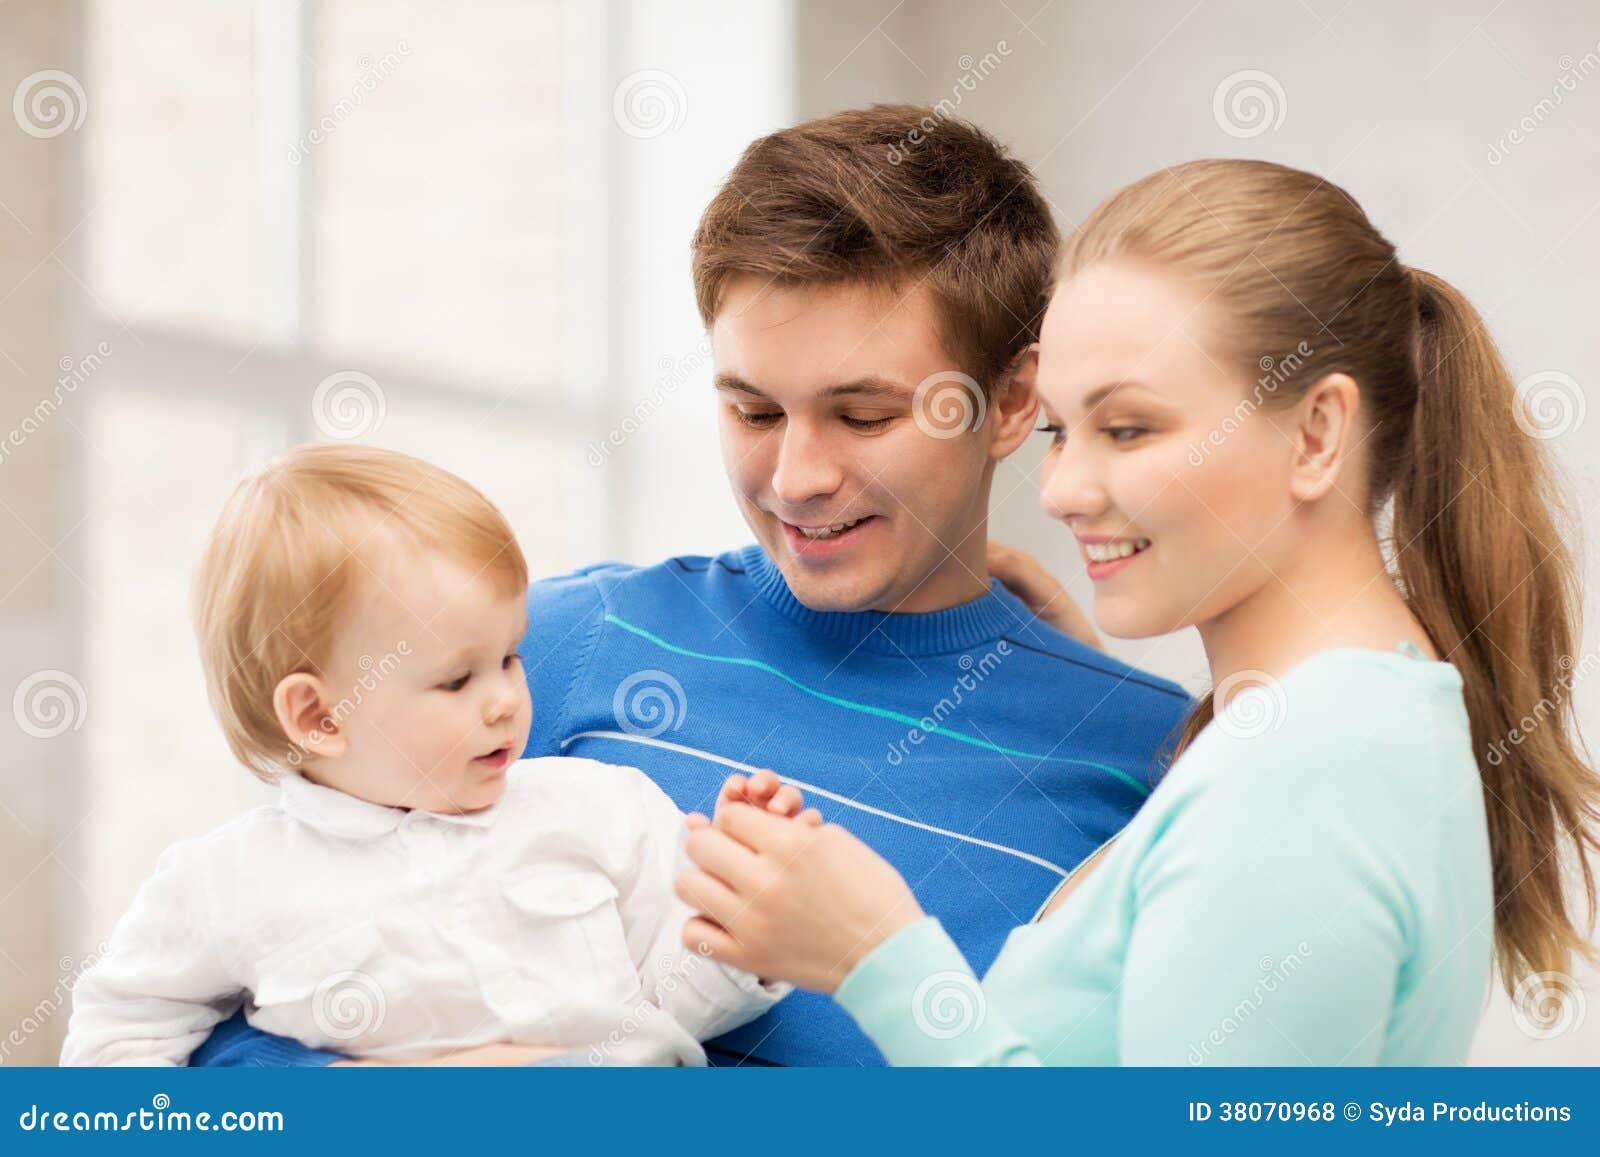 Фото мамы и сын доме 2 фотография